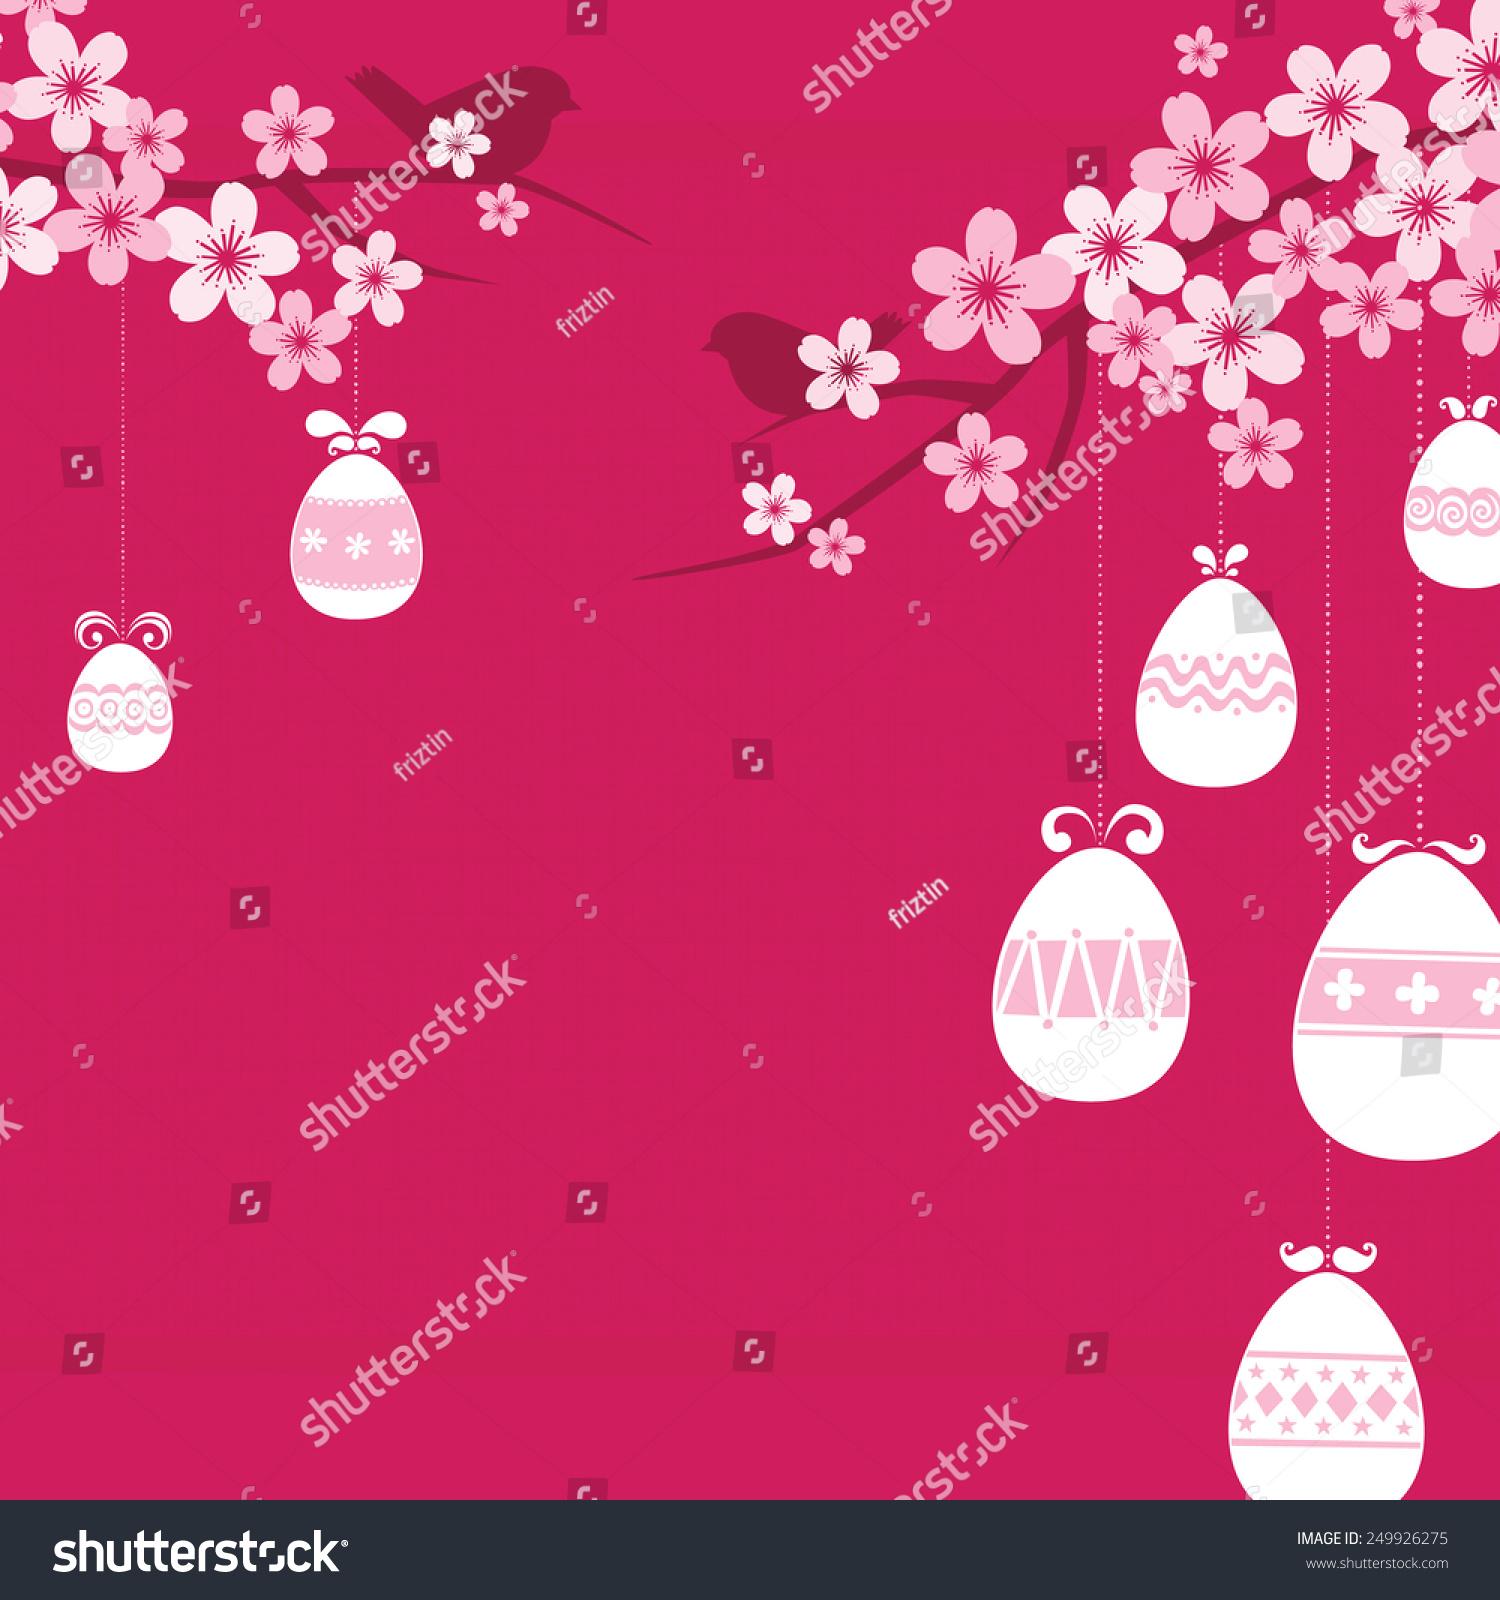 向量复活节背景,几个鸟坐在樱花/樱花树枝挂复活节